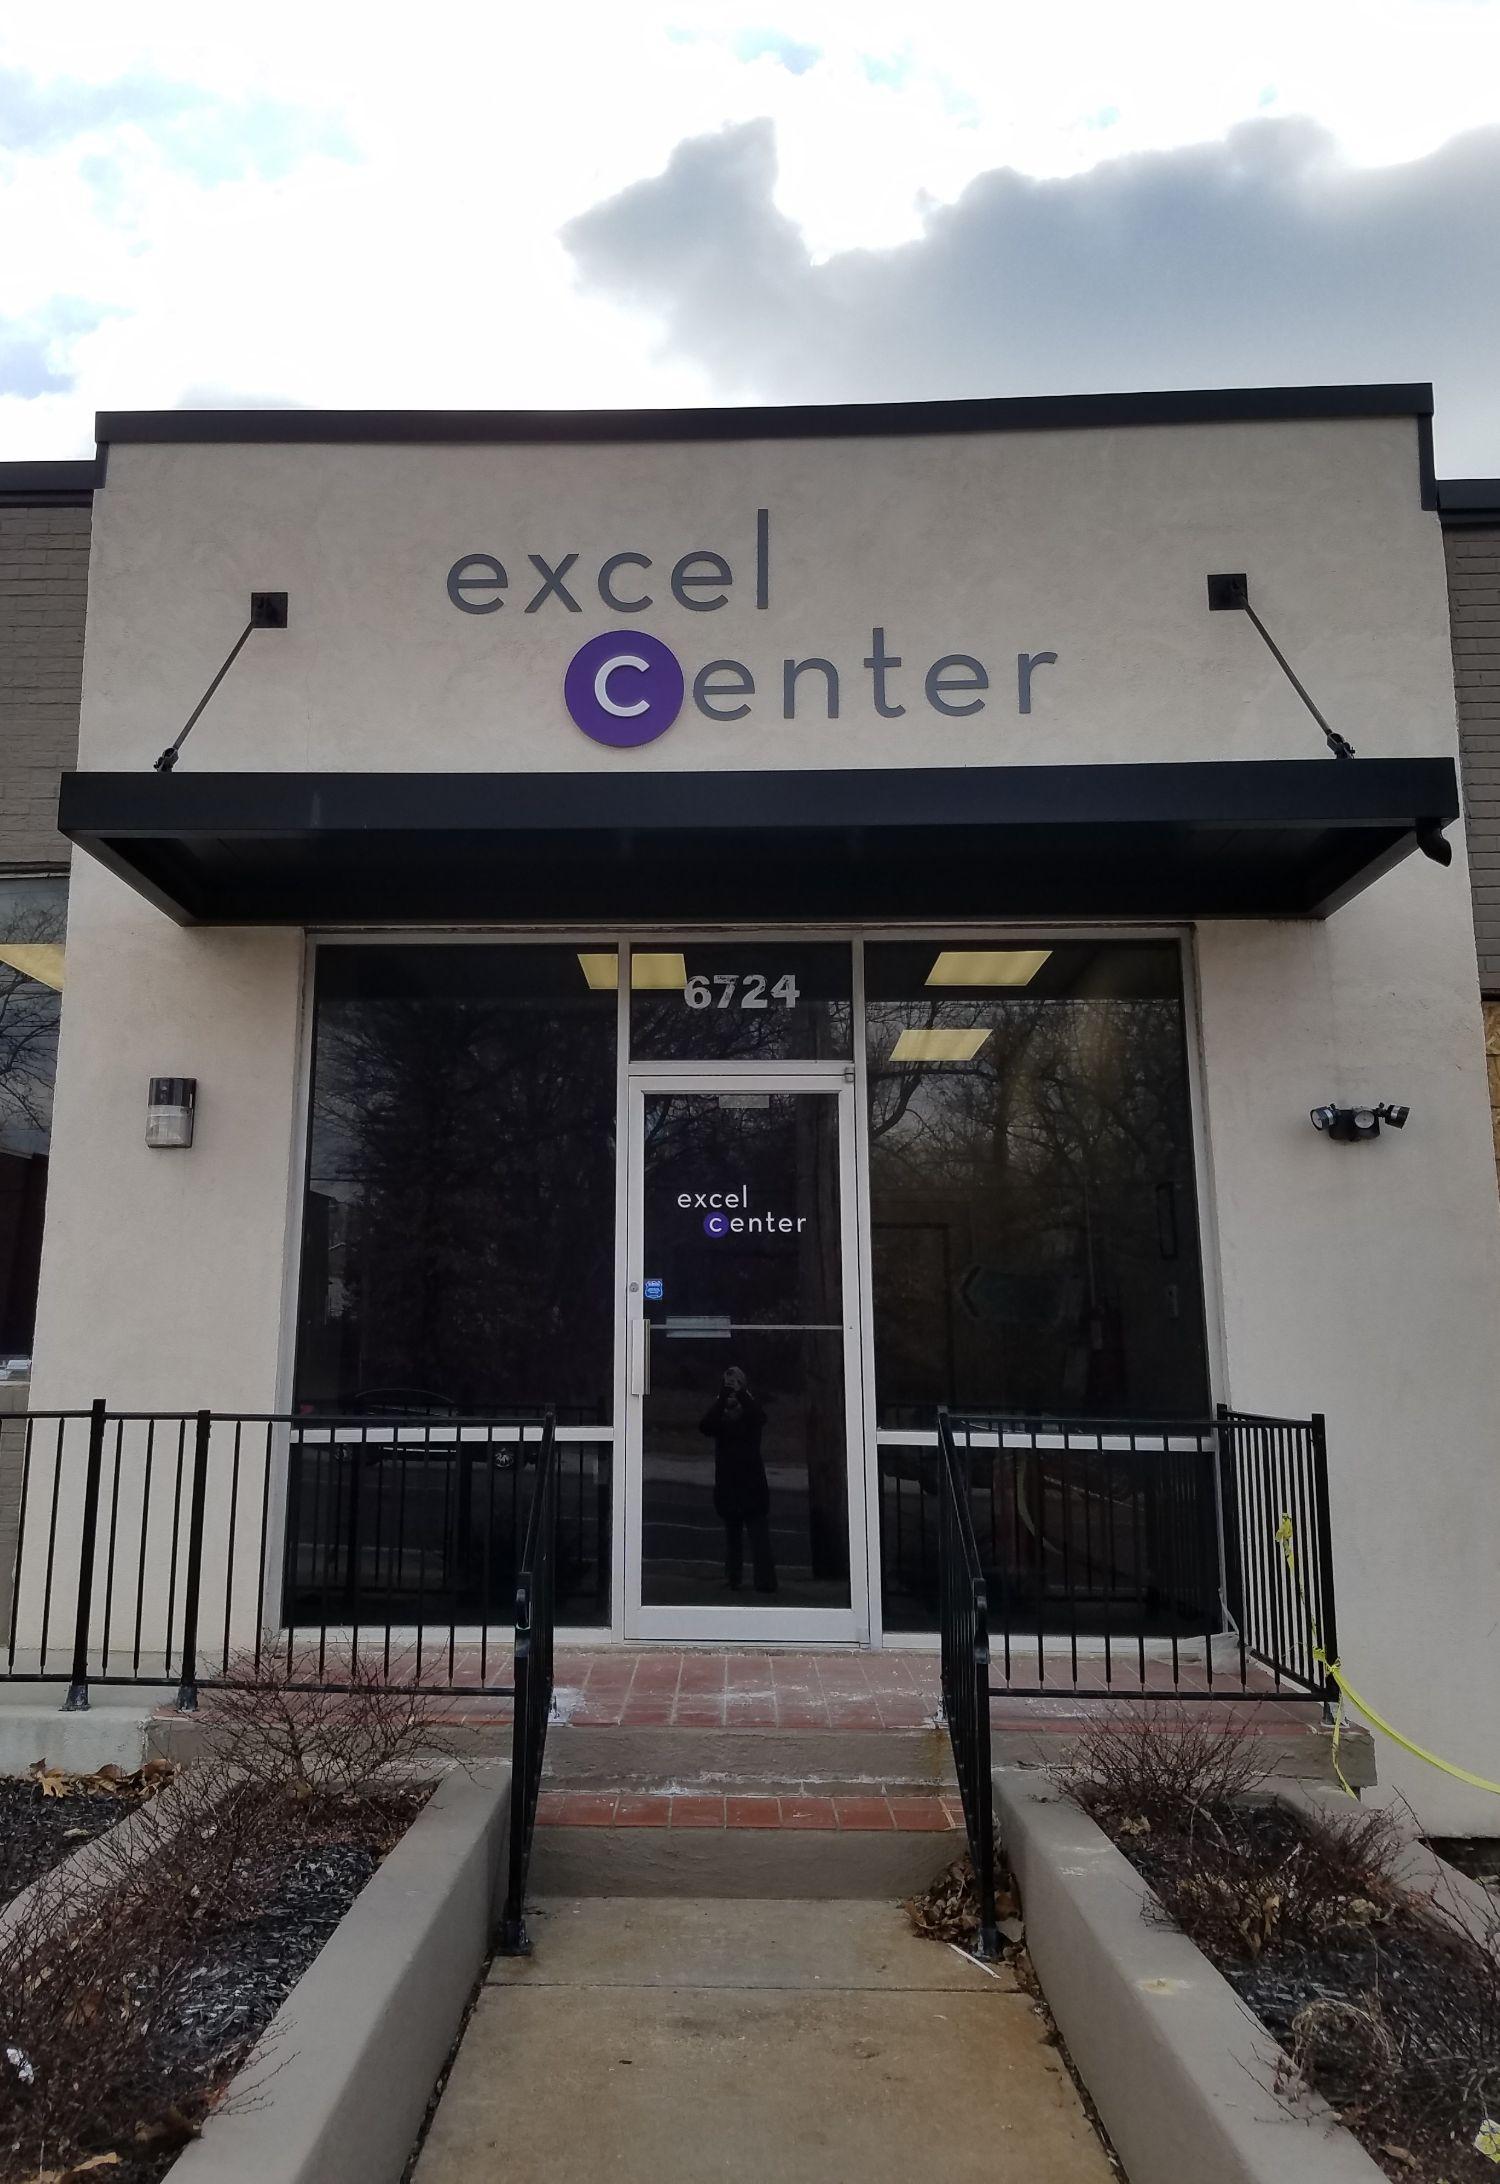 06146eea4867 241 Community Excel Center Wealth Accumulation  Center WAC  1517261847005  w1500.jpg